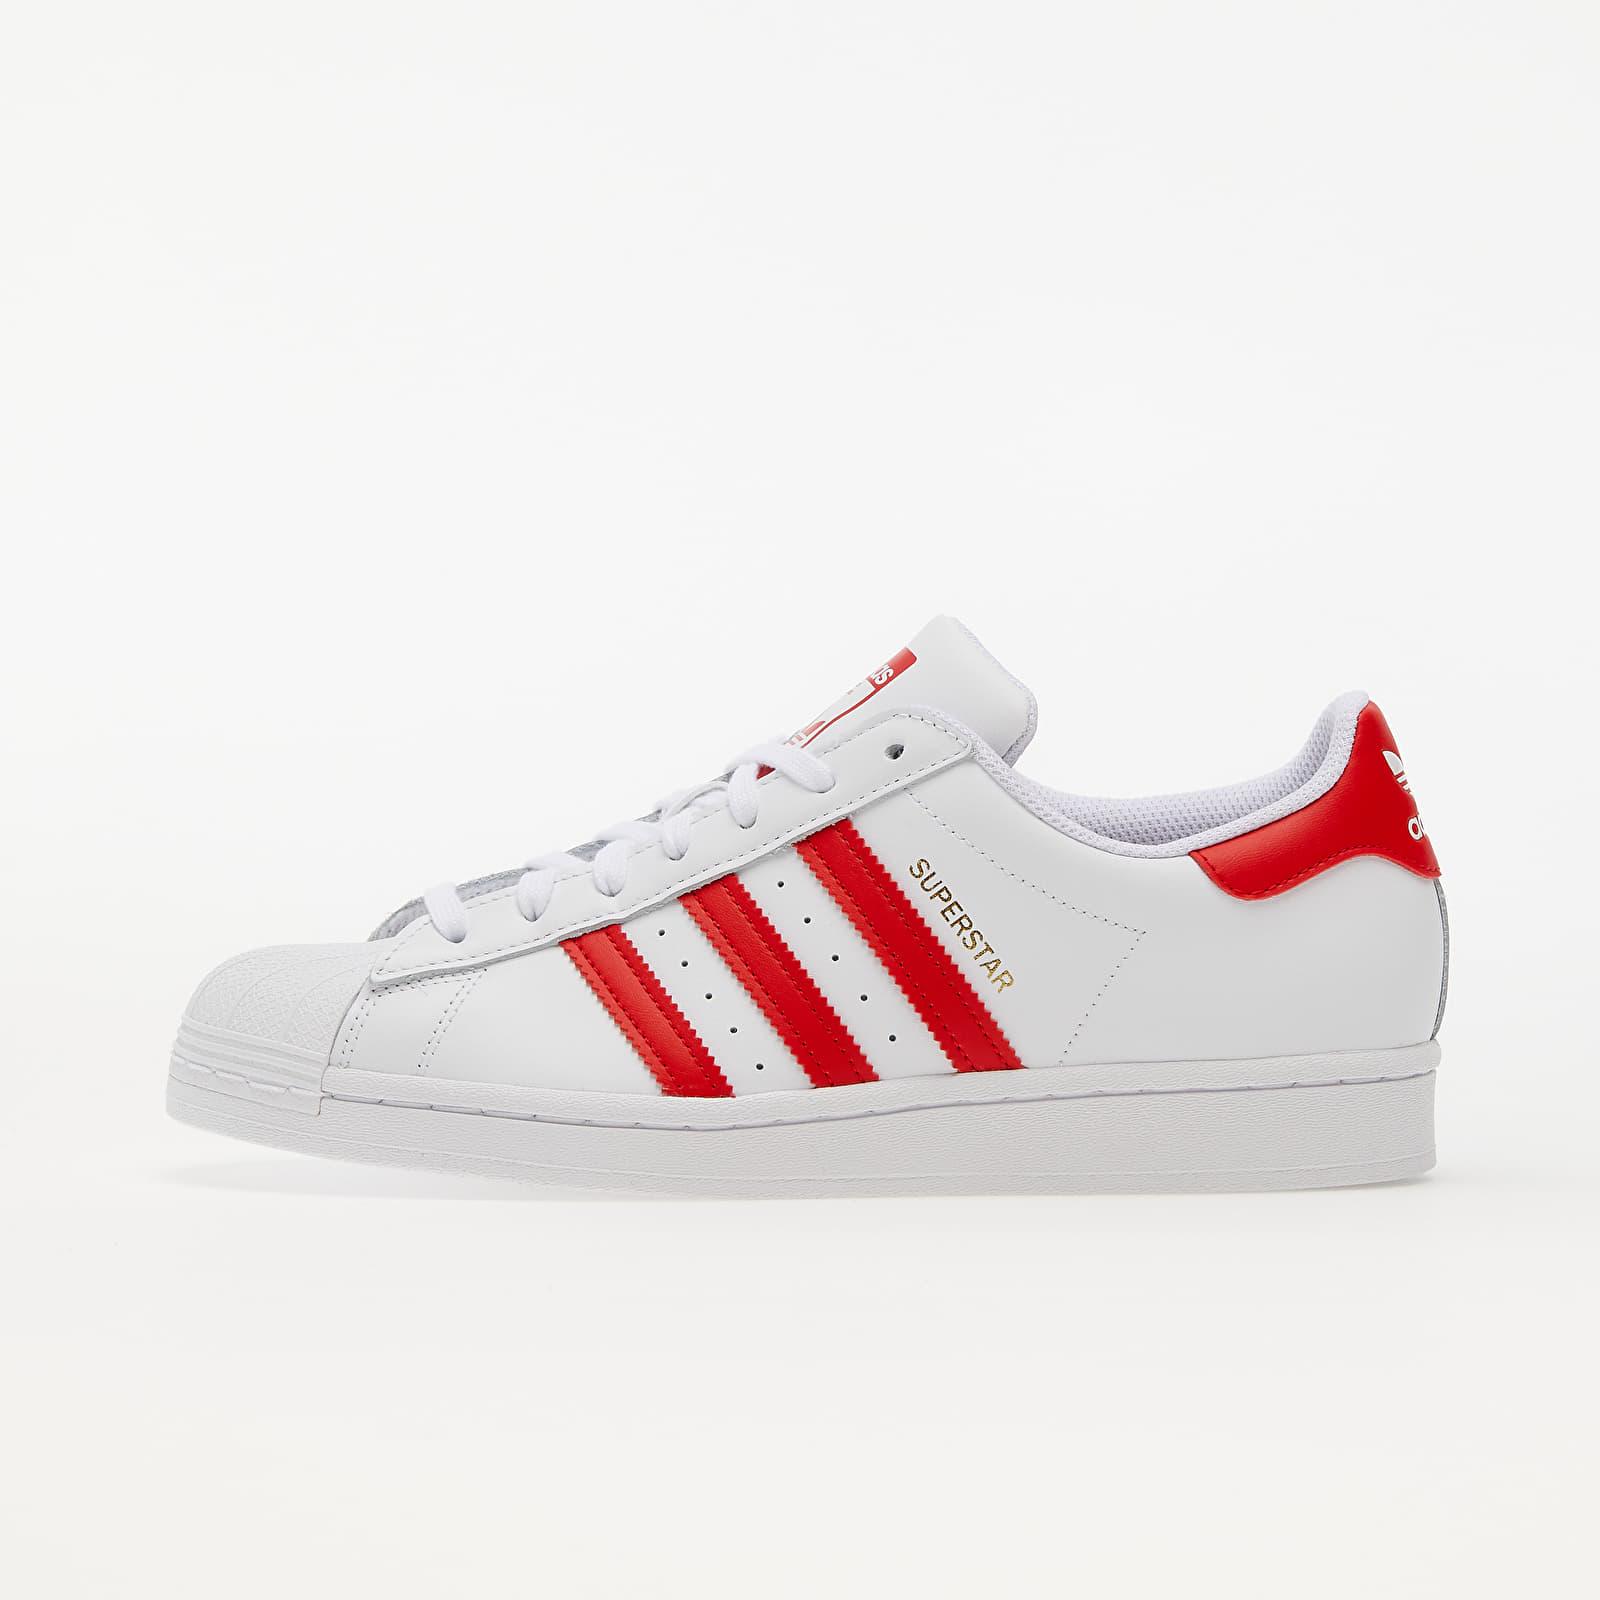 adidas Superstar Ftwr White/ Vivid Red/ Gold Met. EUR 42